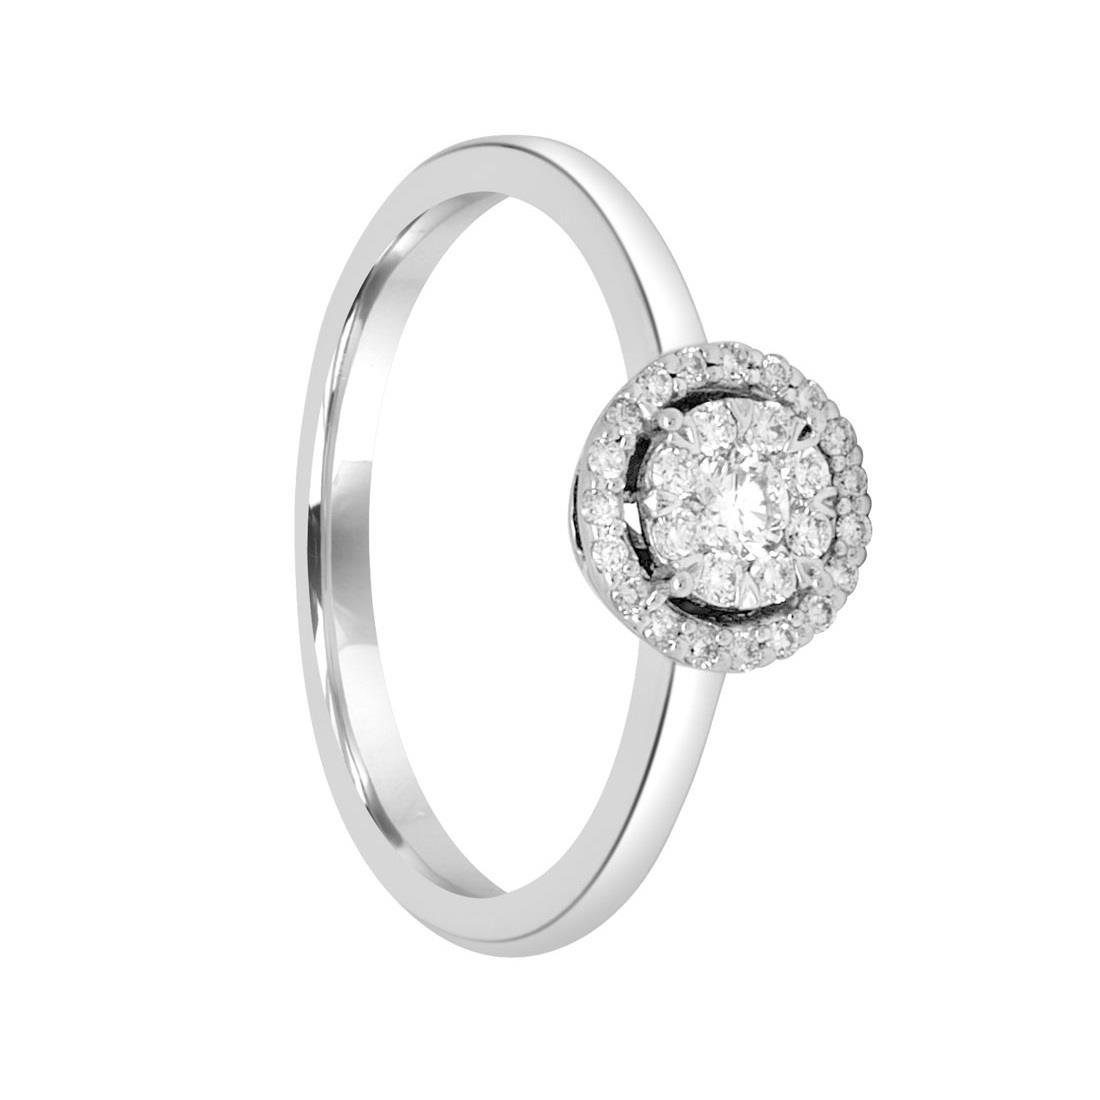 Anello in oro bianco con diamanti ct. 0,23 - ALFIERI & ST. JOHN